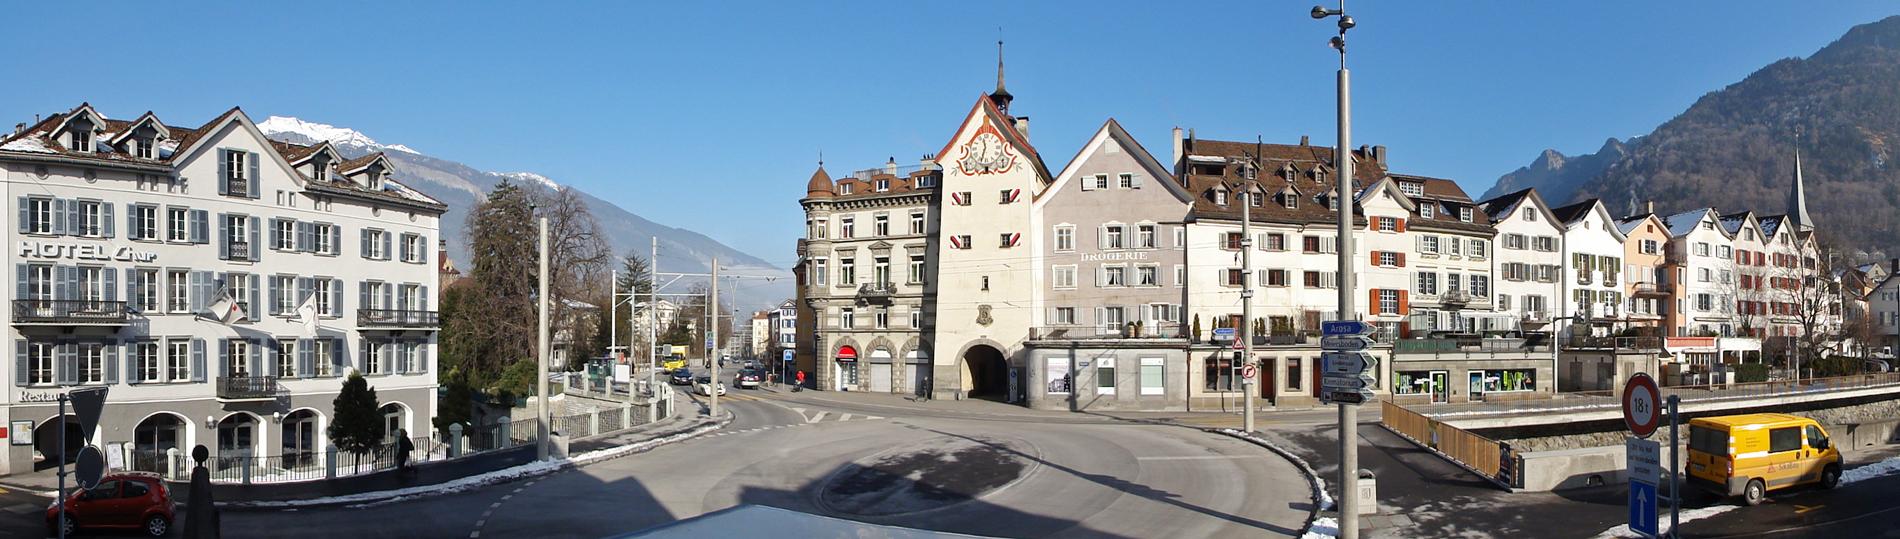 (c) Hotelchur.ch